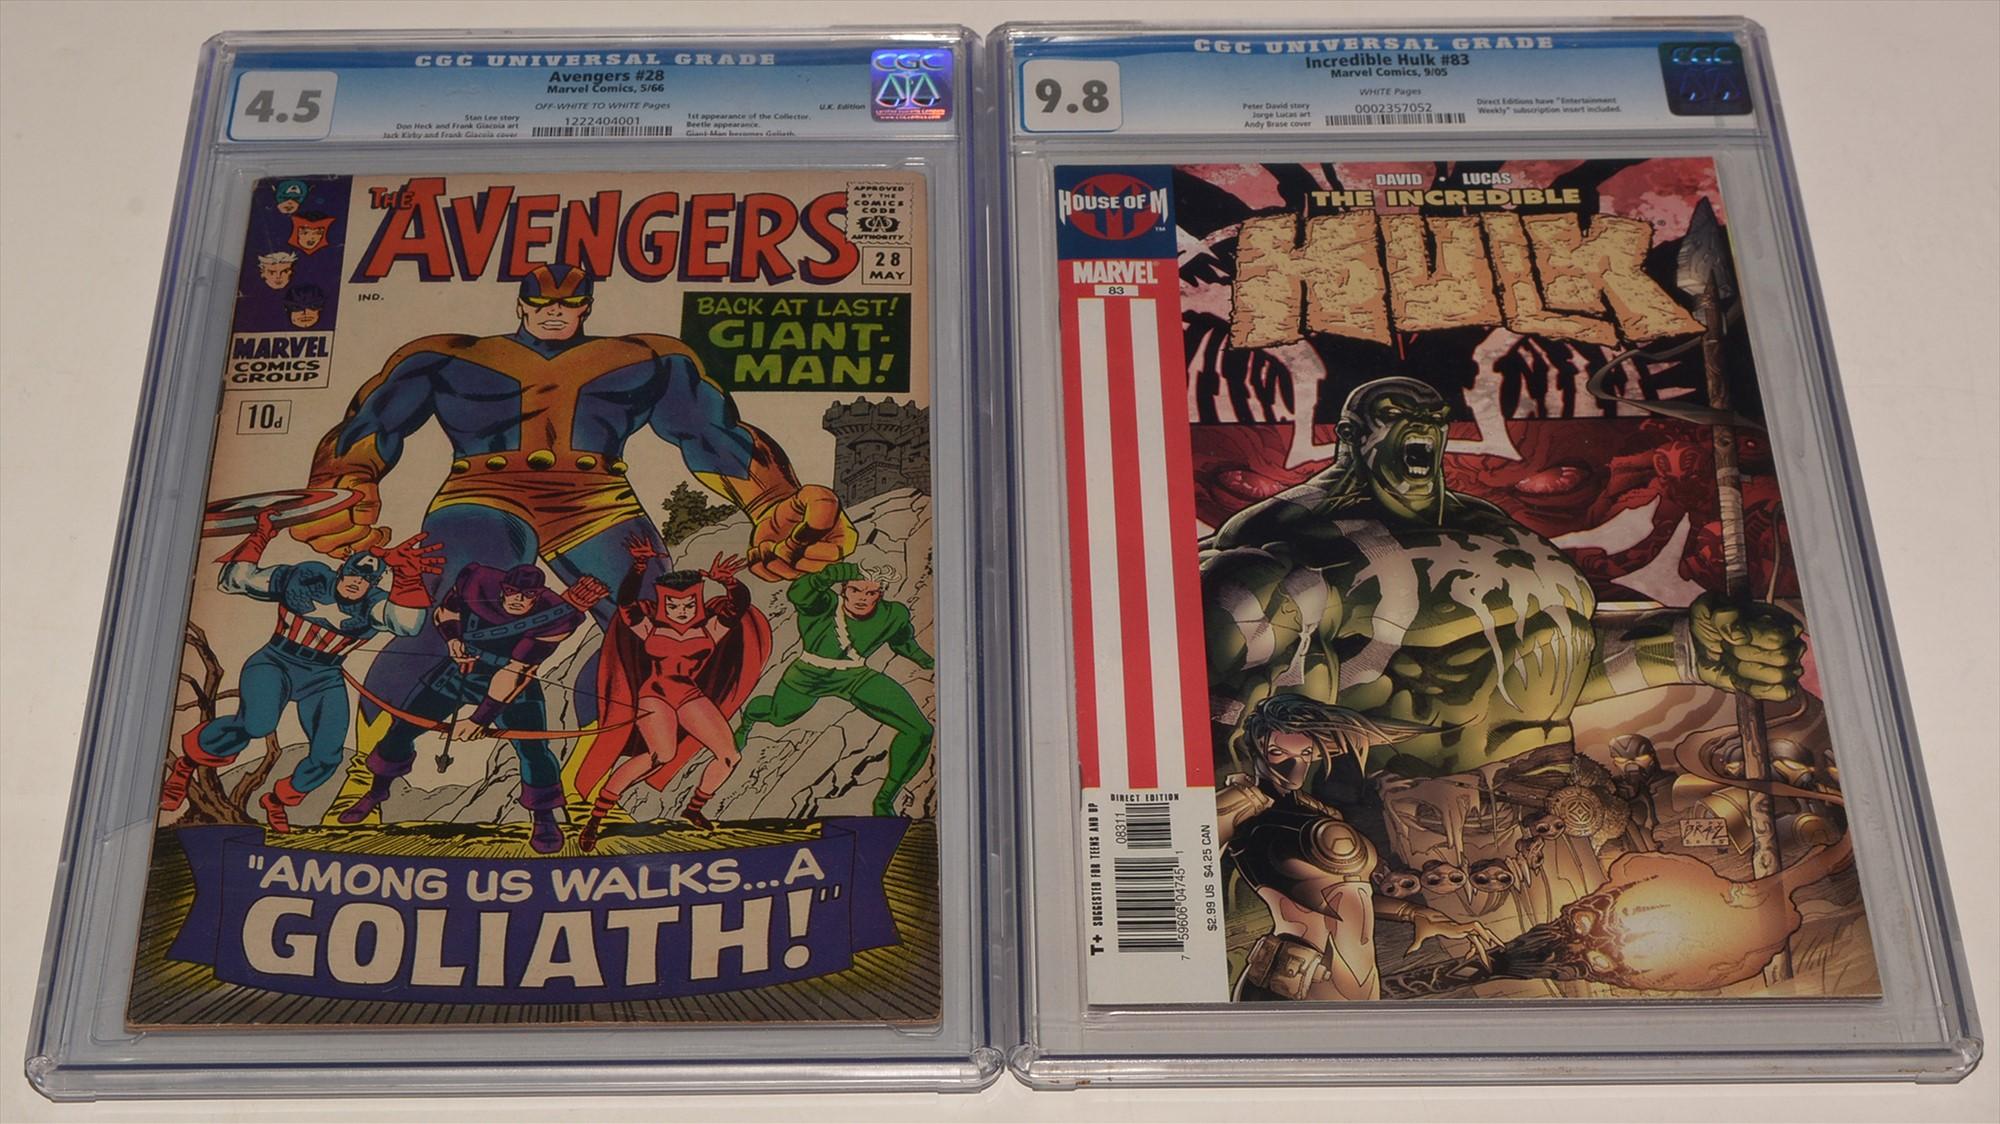 The Avengers No. 28 / Incredible Hulk No. 83